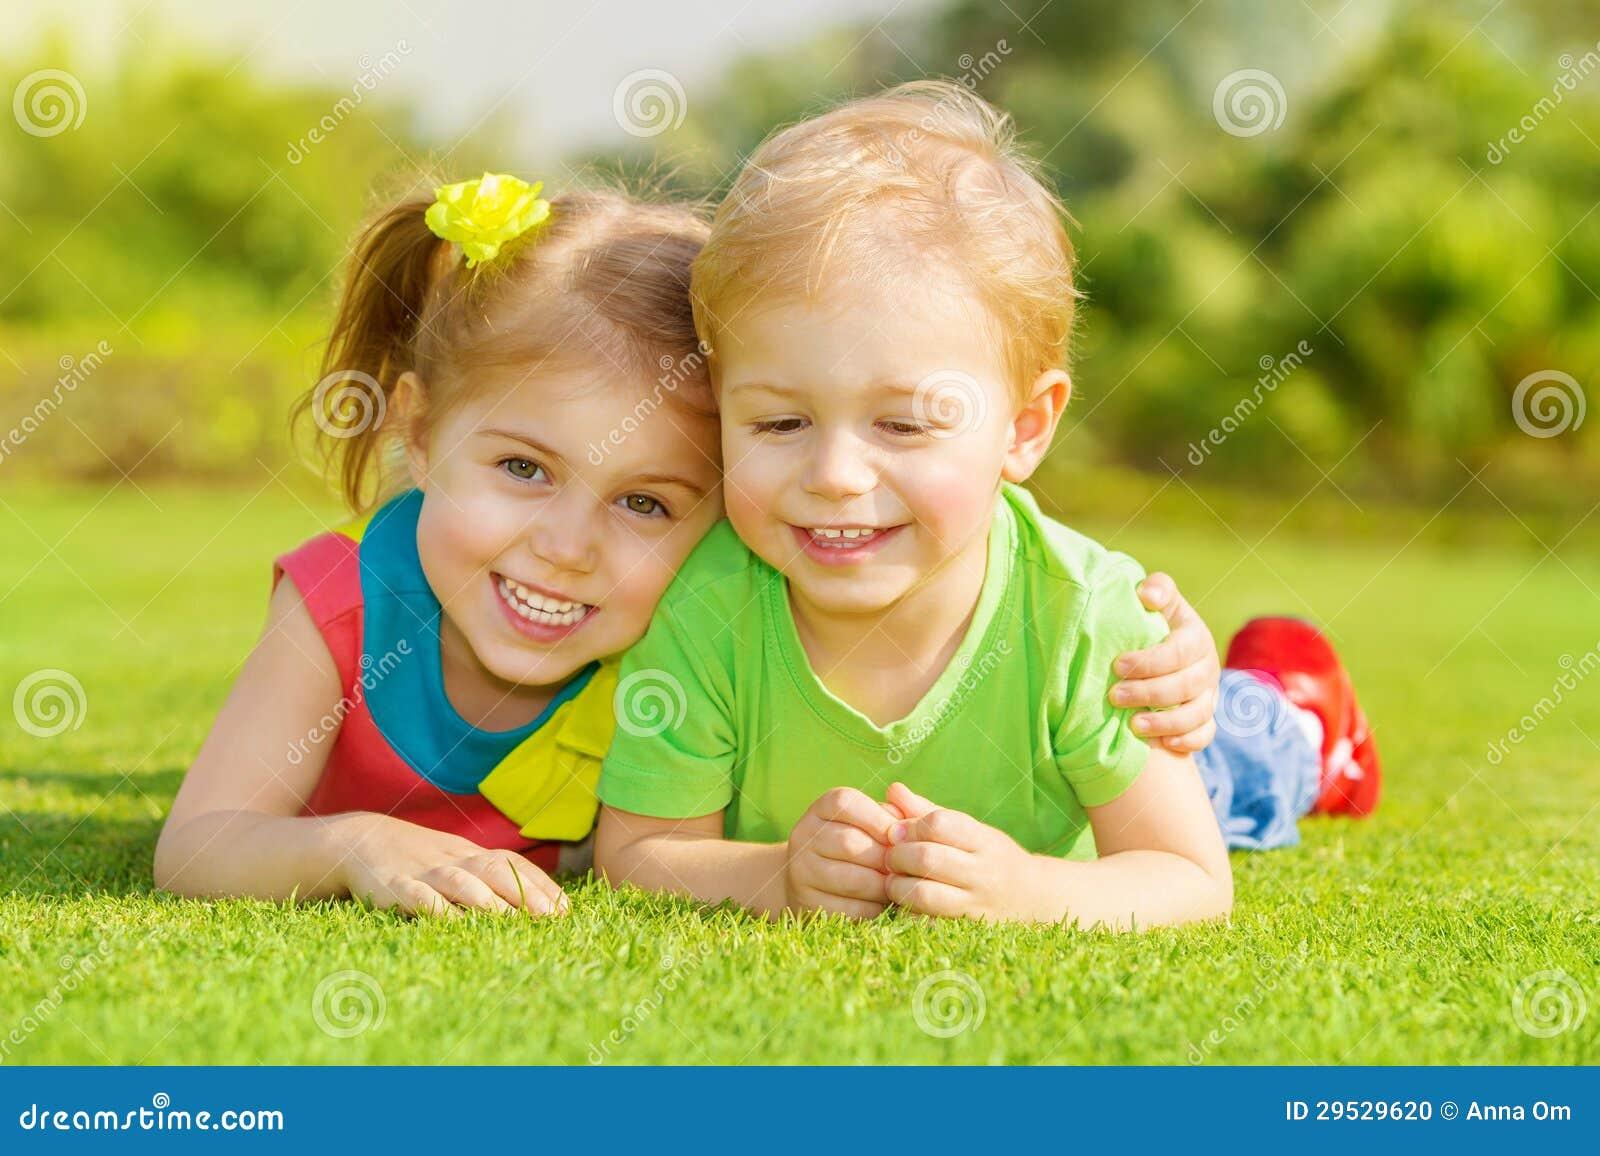 Crianças felizes no parque